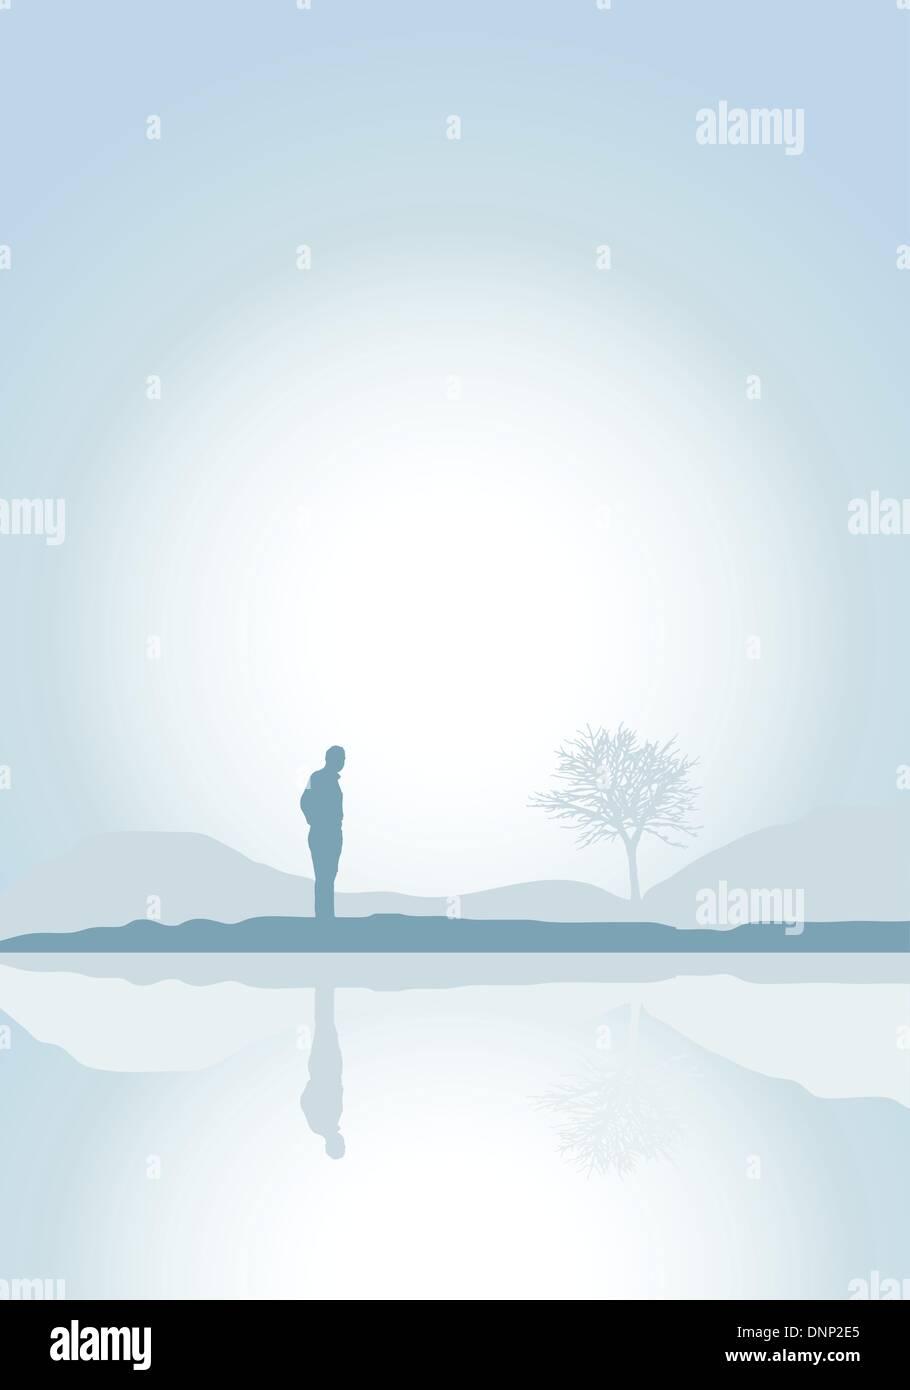 Silueta de un hombre solitario por un lago Imagen De Stock